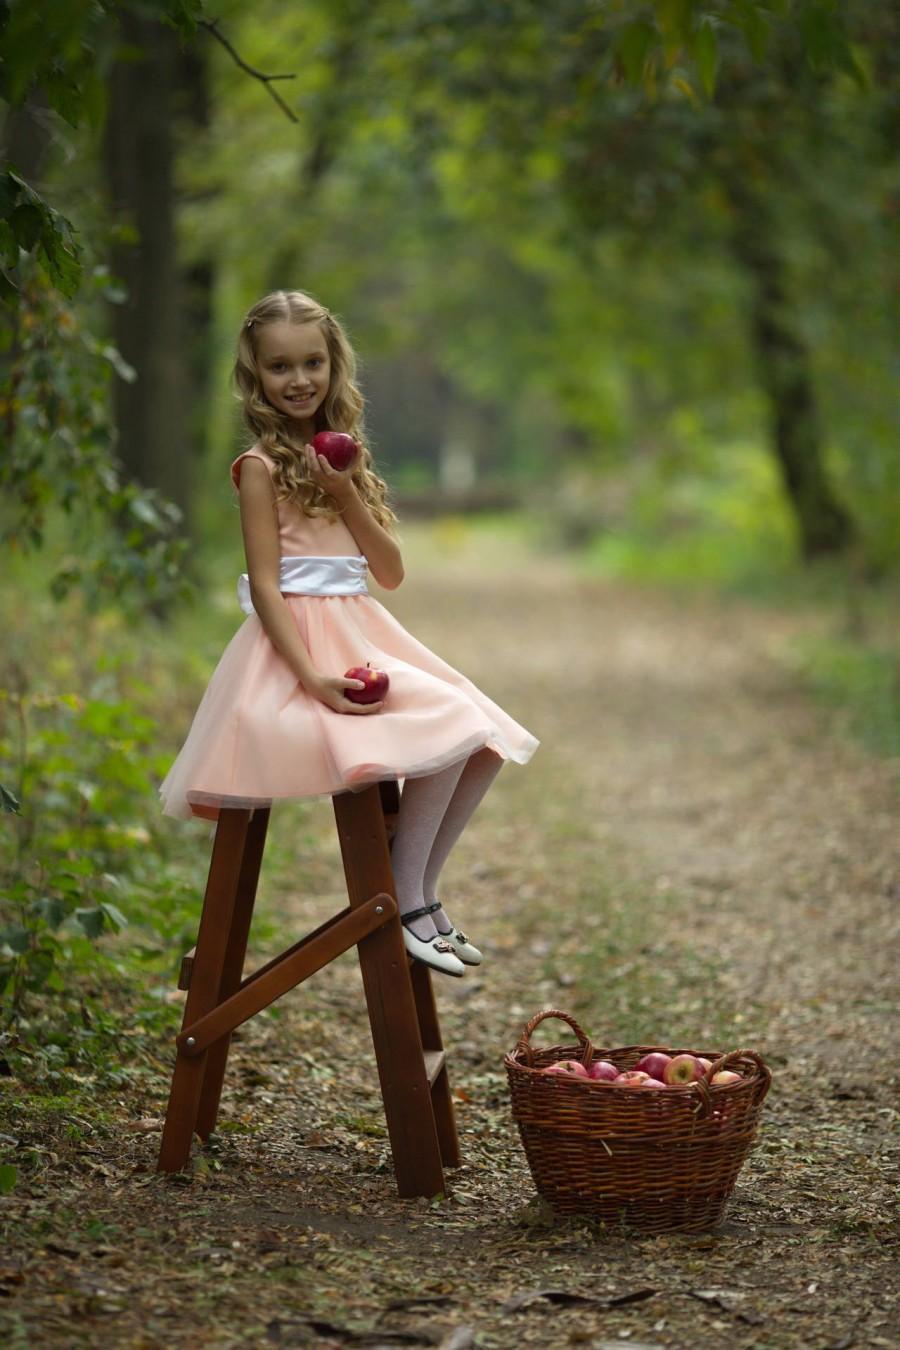 زفاف - Flower girl dress, Peach girl dress, Country flower girl, Country wedding, Baby dress, Birthday girl dress